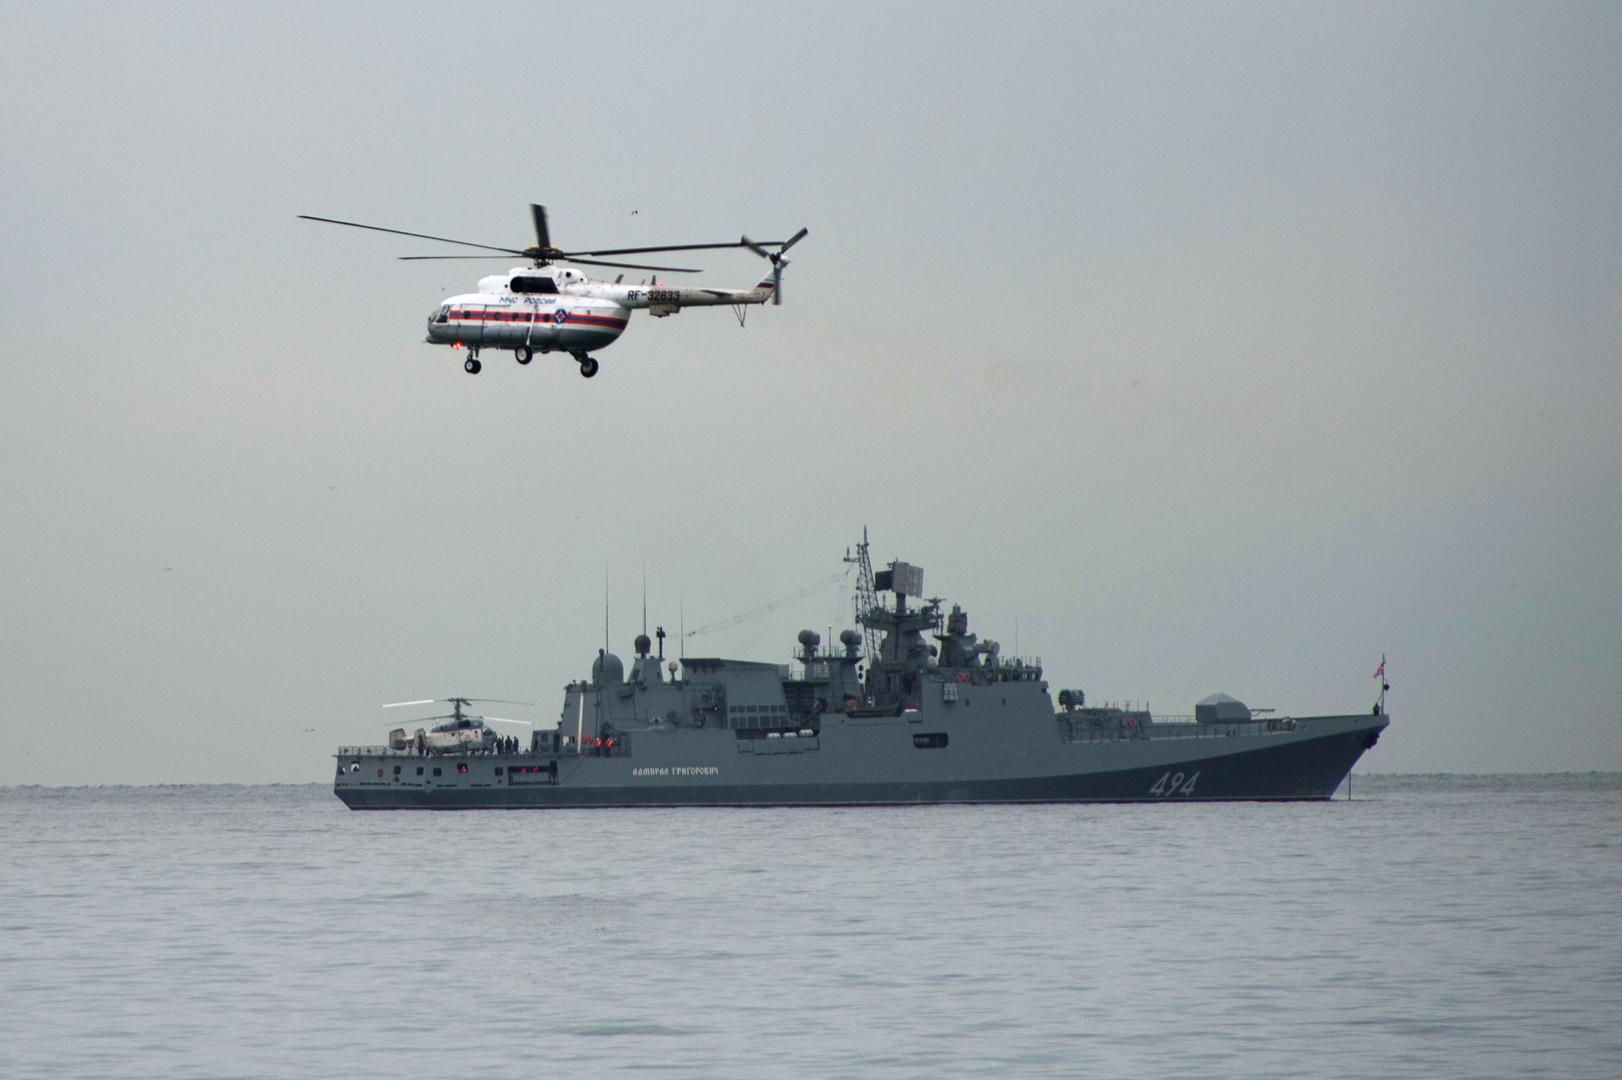 لأول مرة في تاريخ البلاد المعاصر.. سفينة حربية روسية تصل بورتسودان